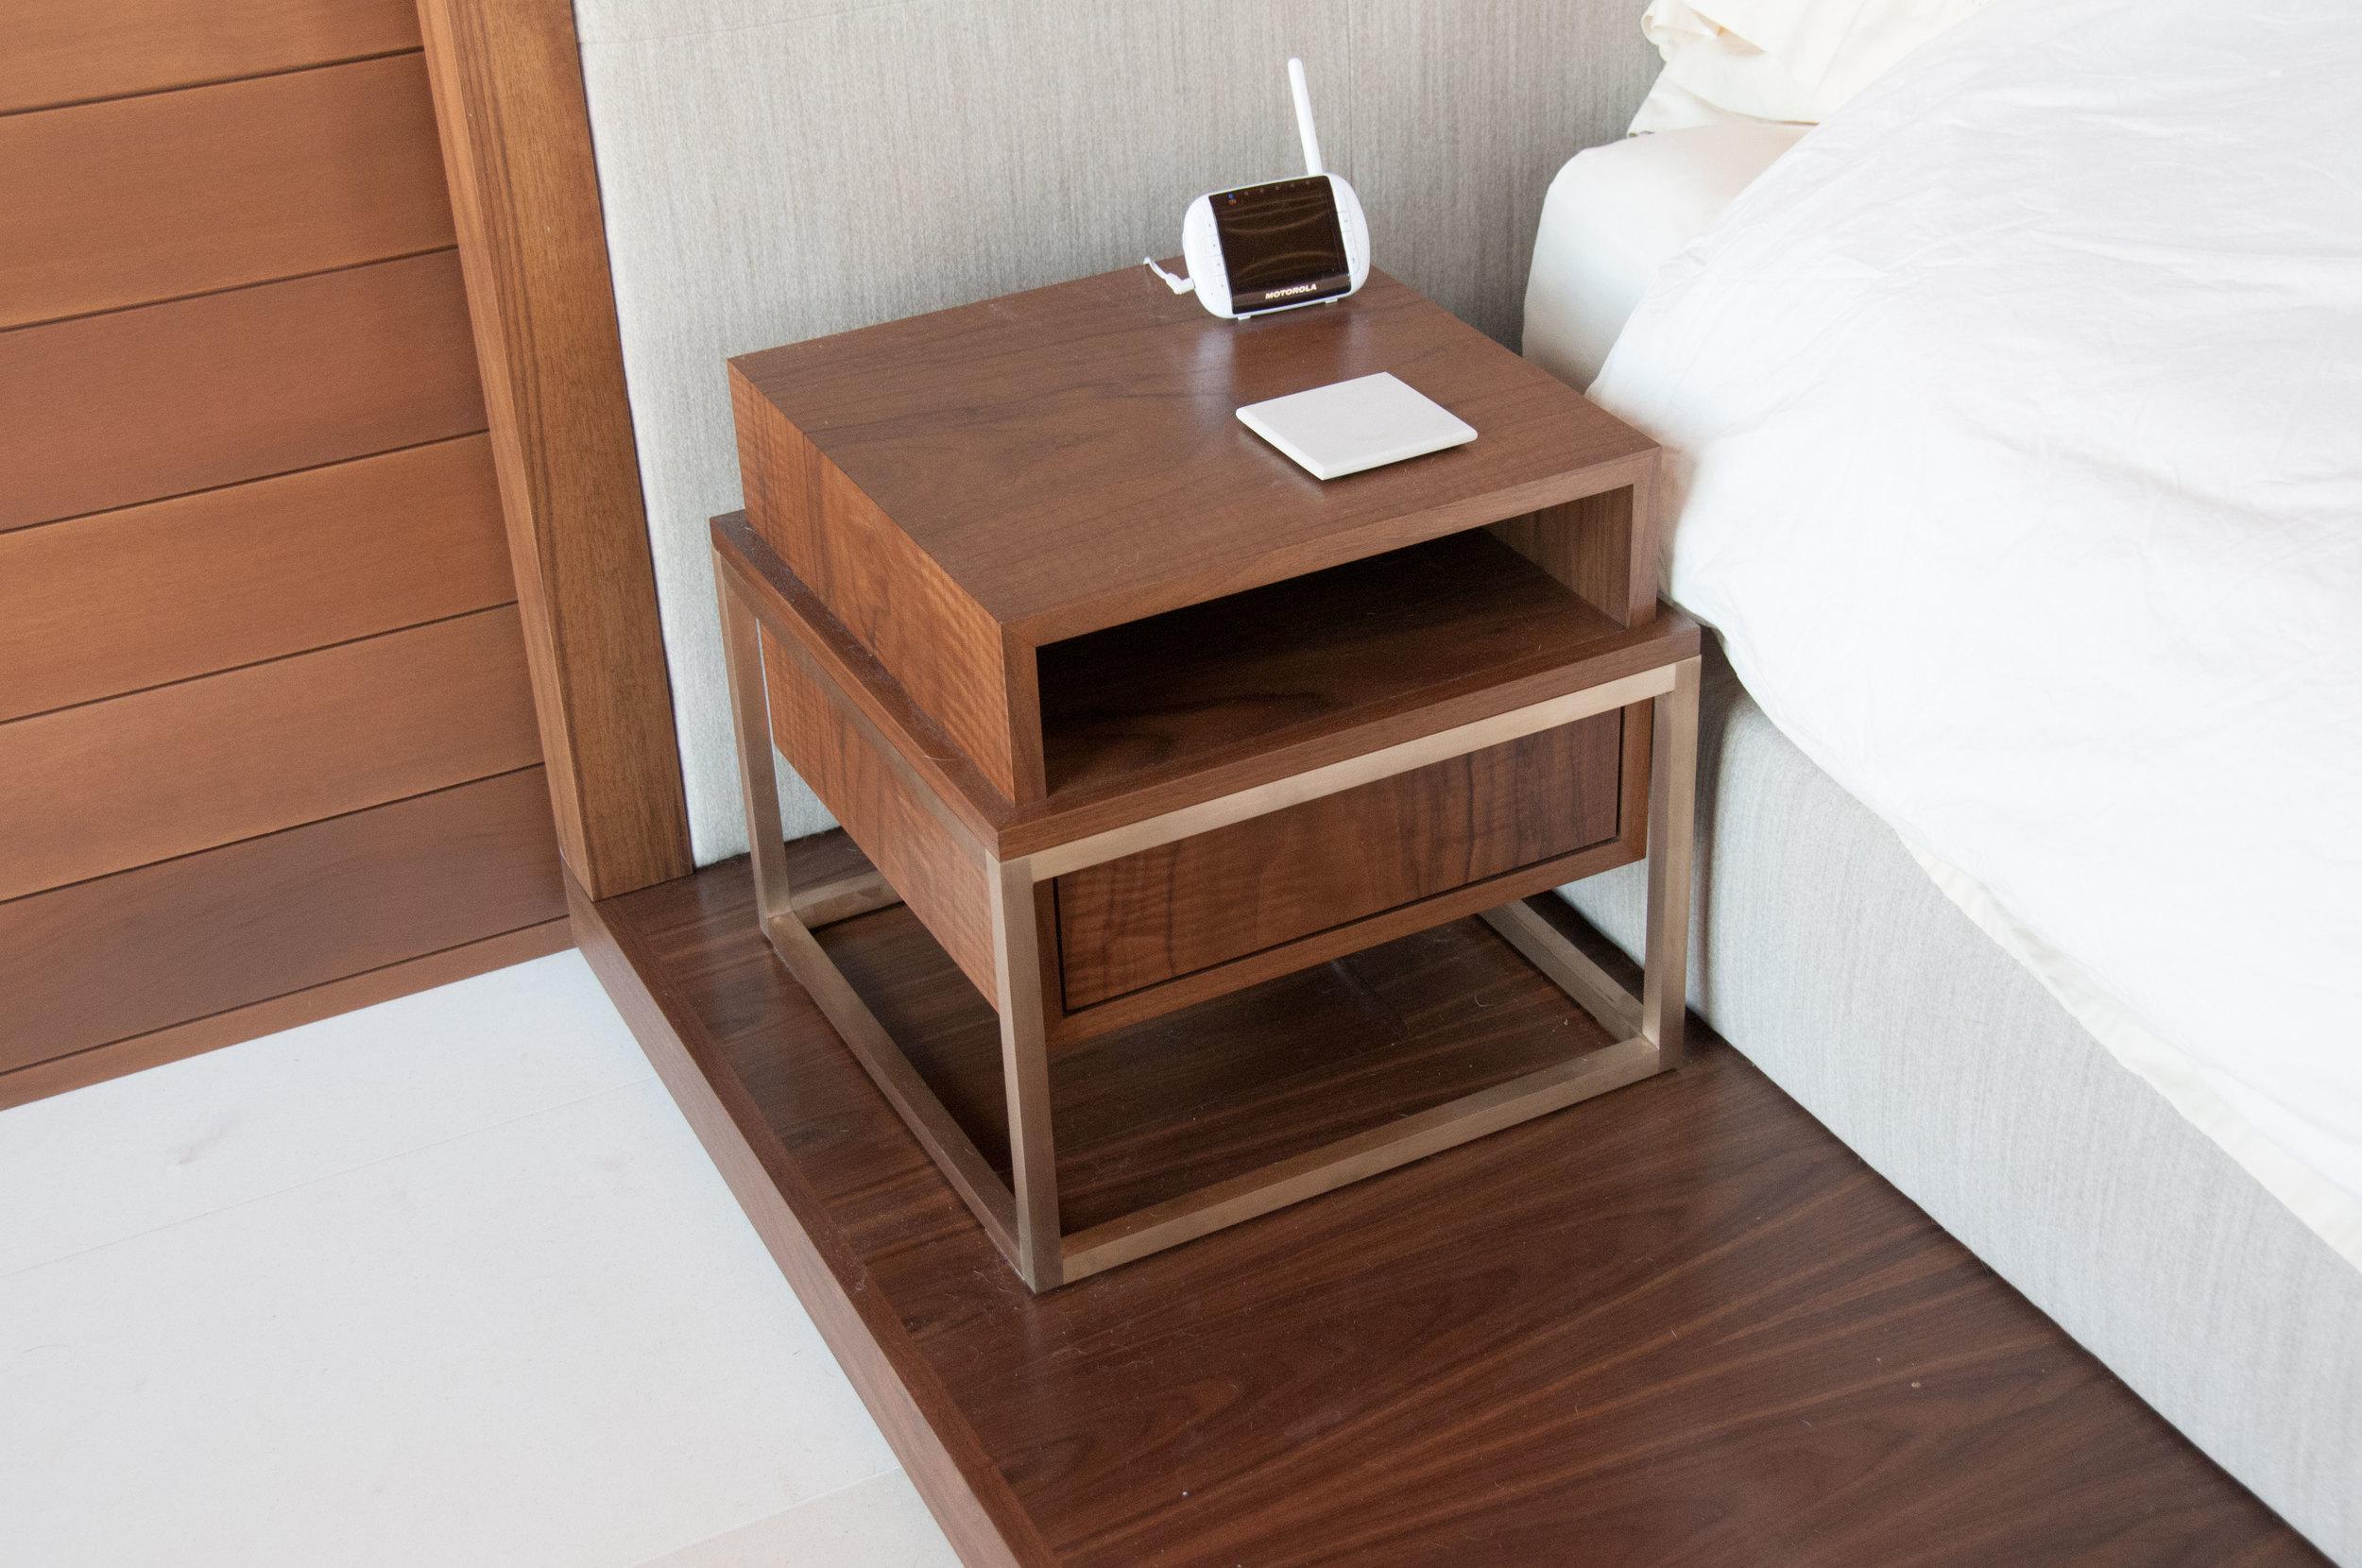 nightstand_1.jpg